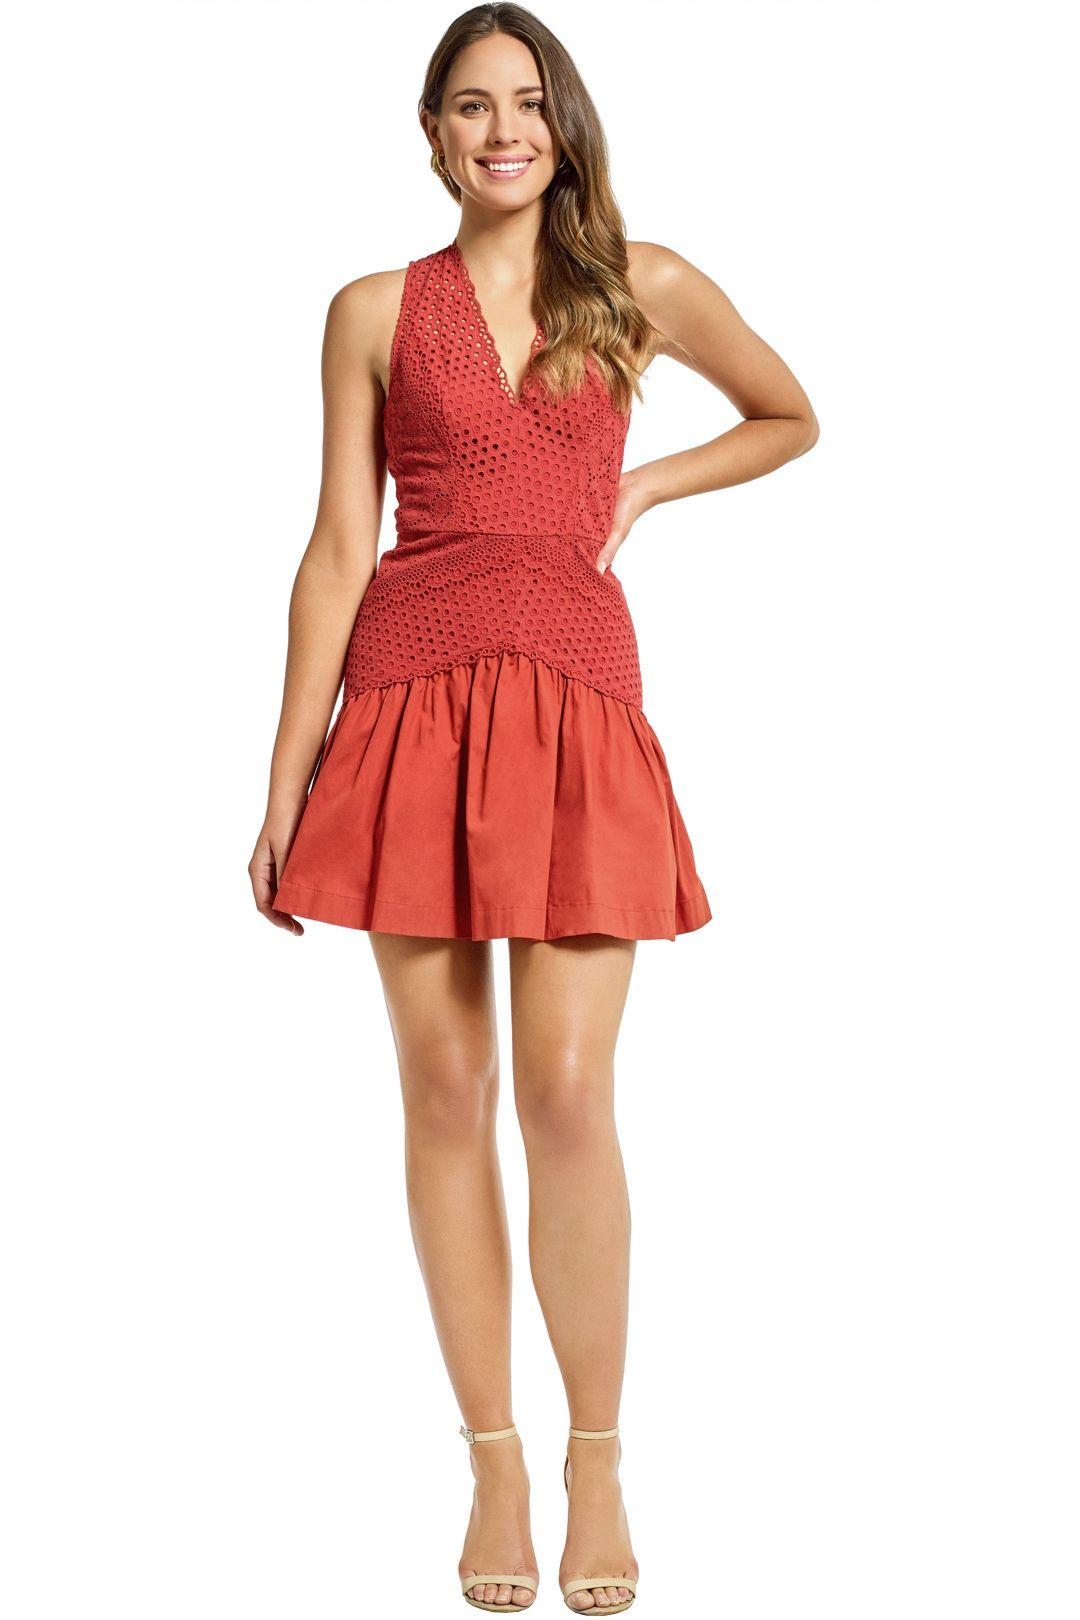 Lover - Garland Sleeveless Mini Dress - Umber - Front